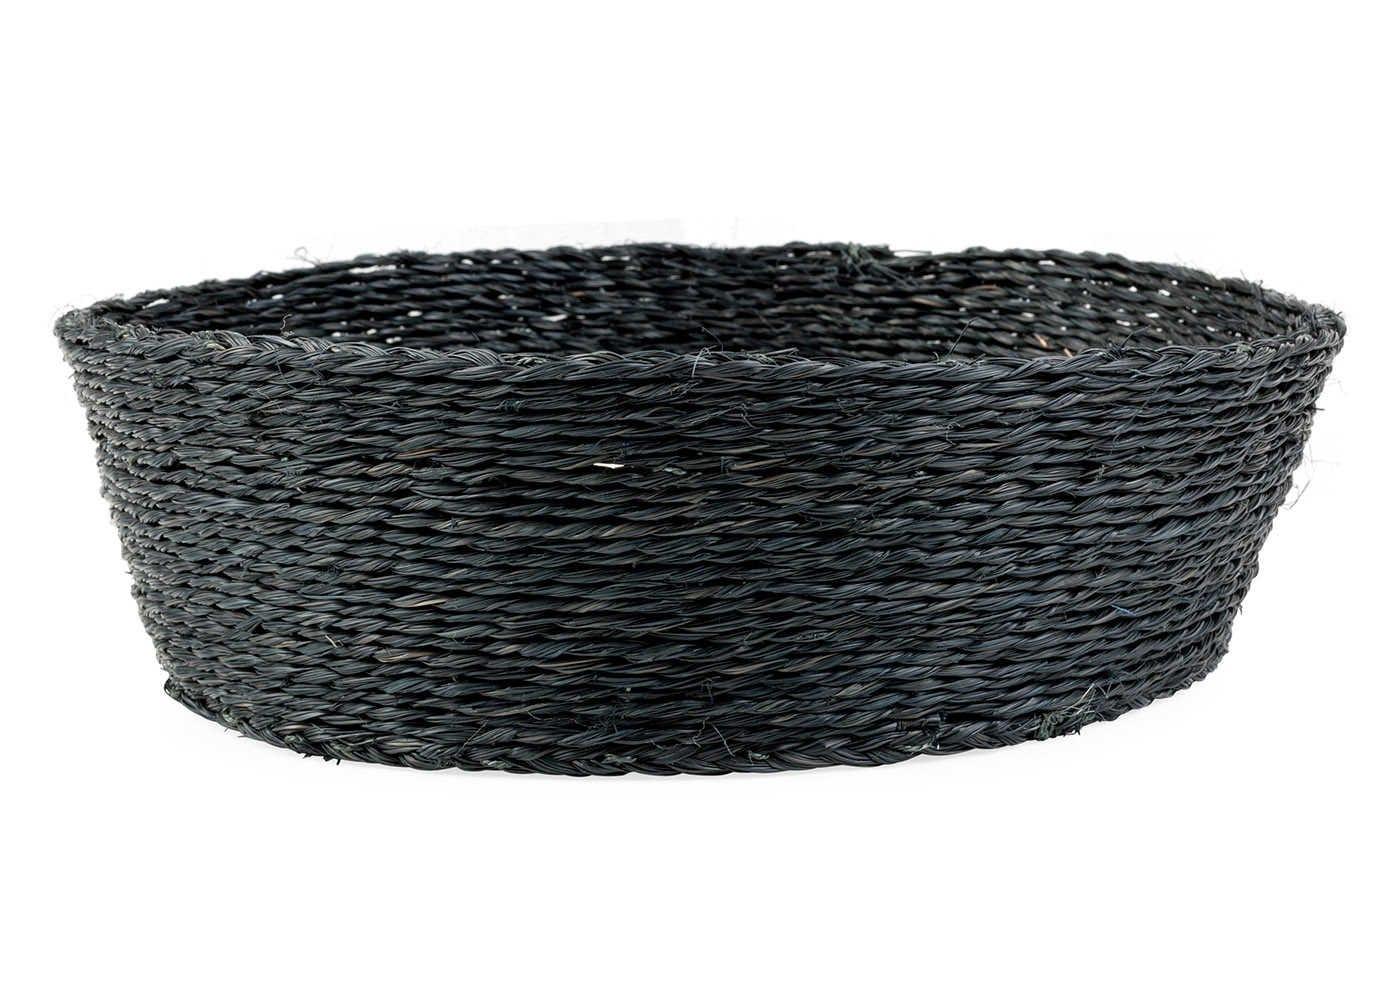 Gone Rural Round Basket Solid Black Large